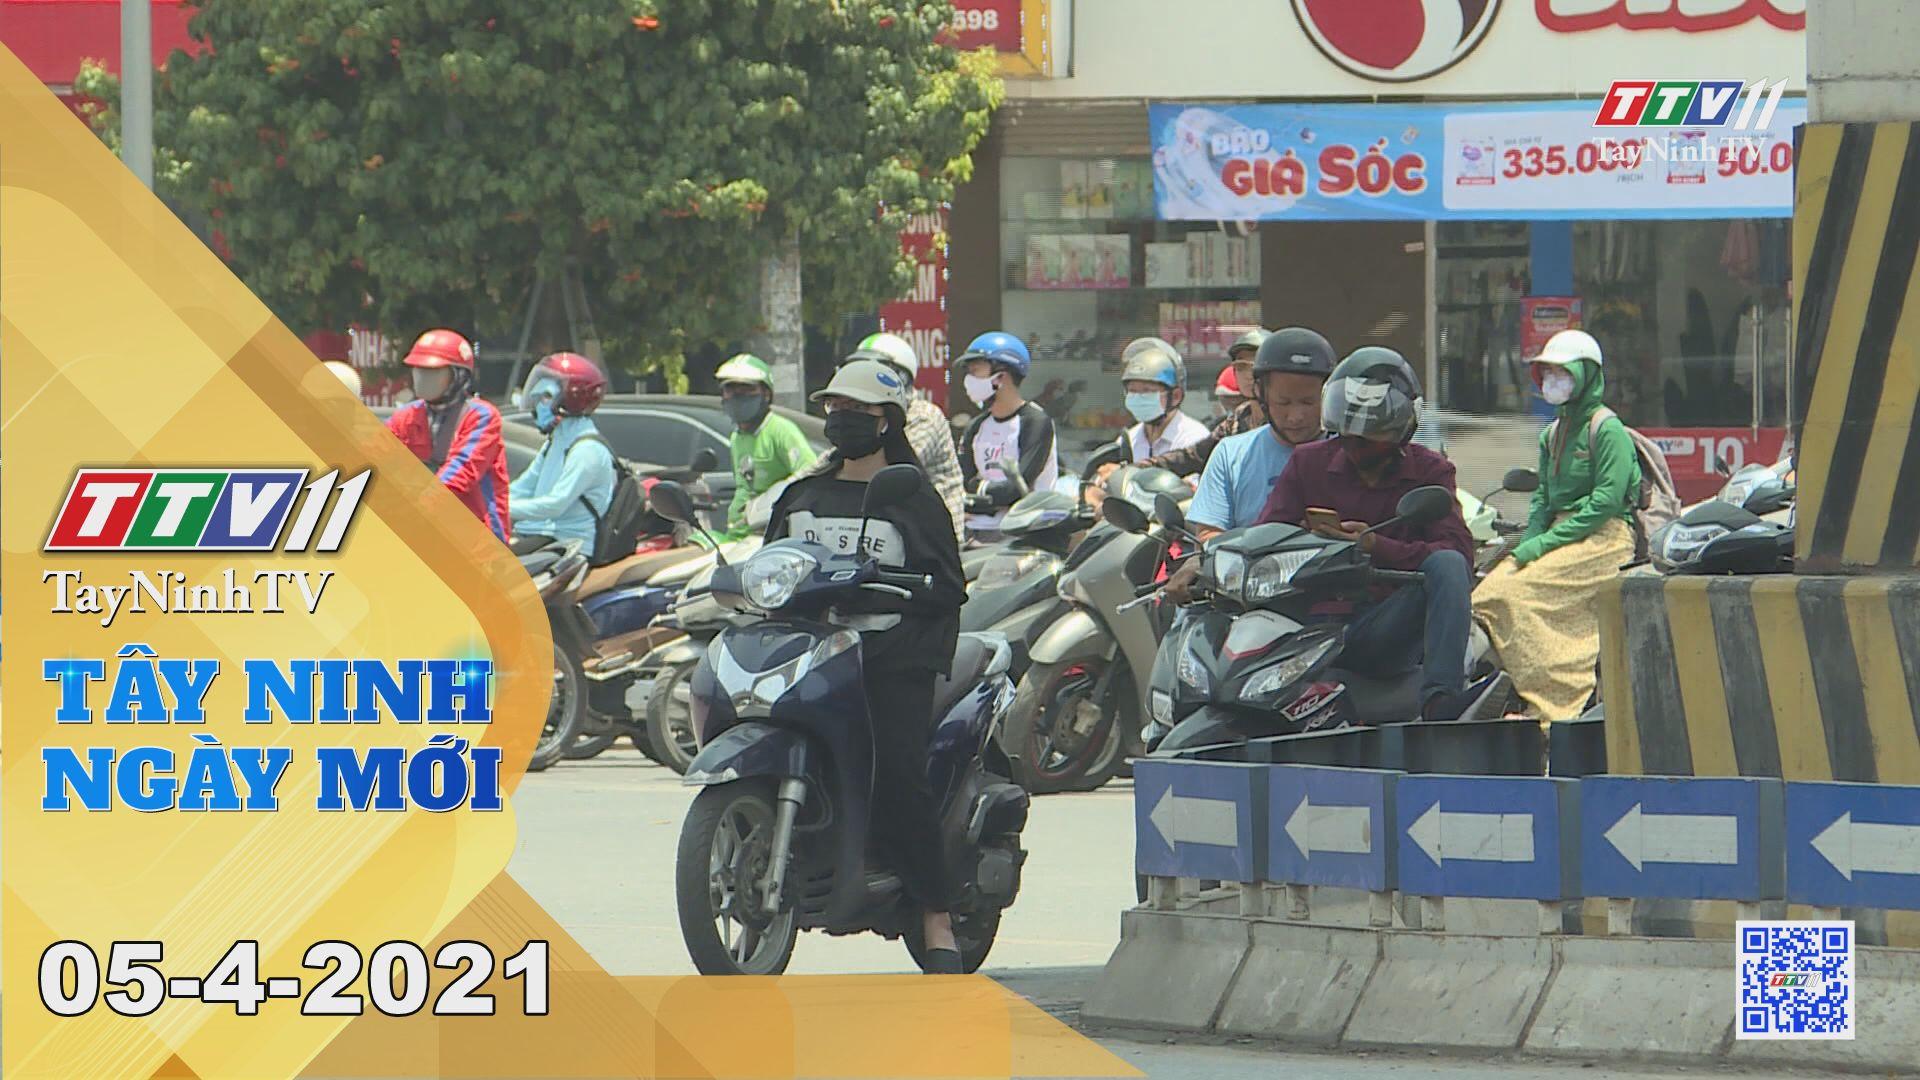 Tây Ninh Ngày Mới 05-4-2021 | Tin tức hôm nay | TayNinhTV